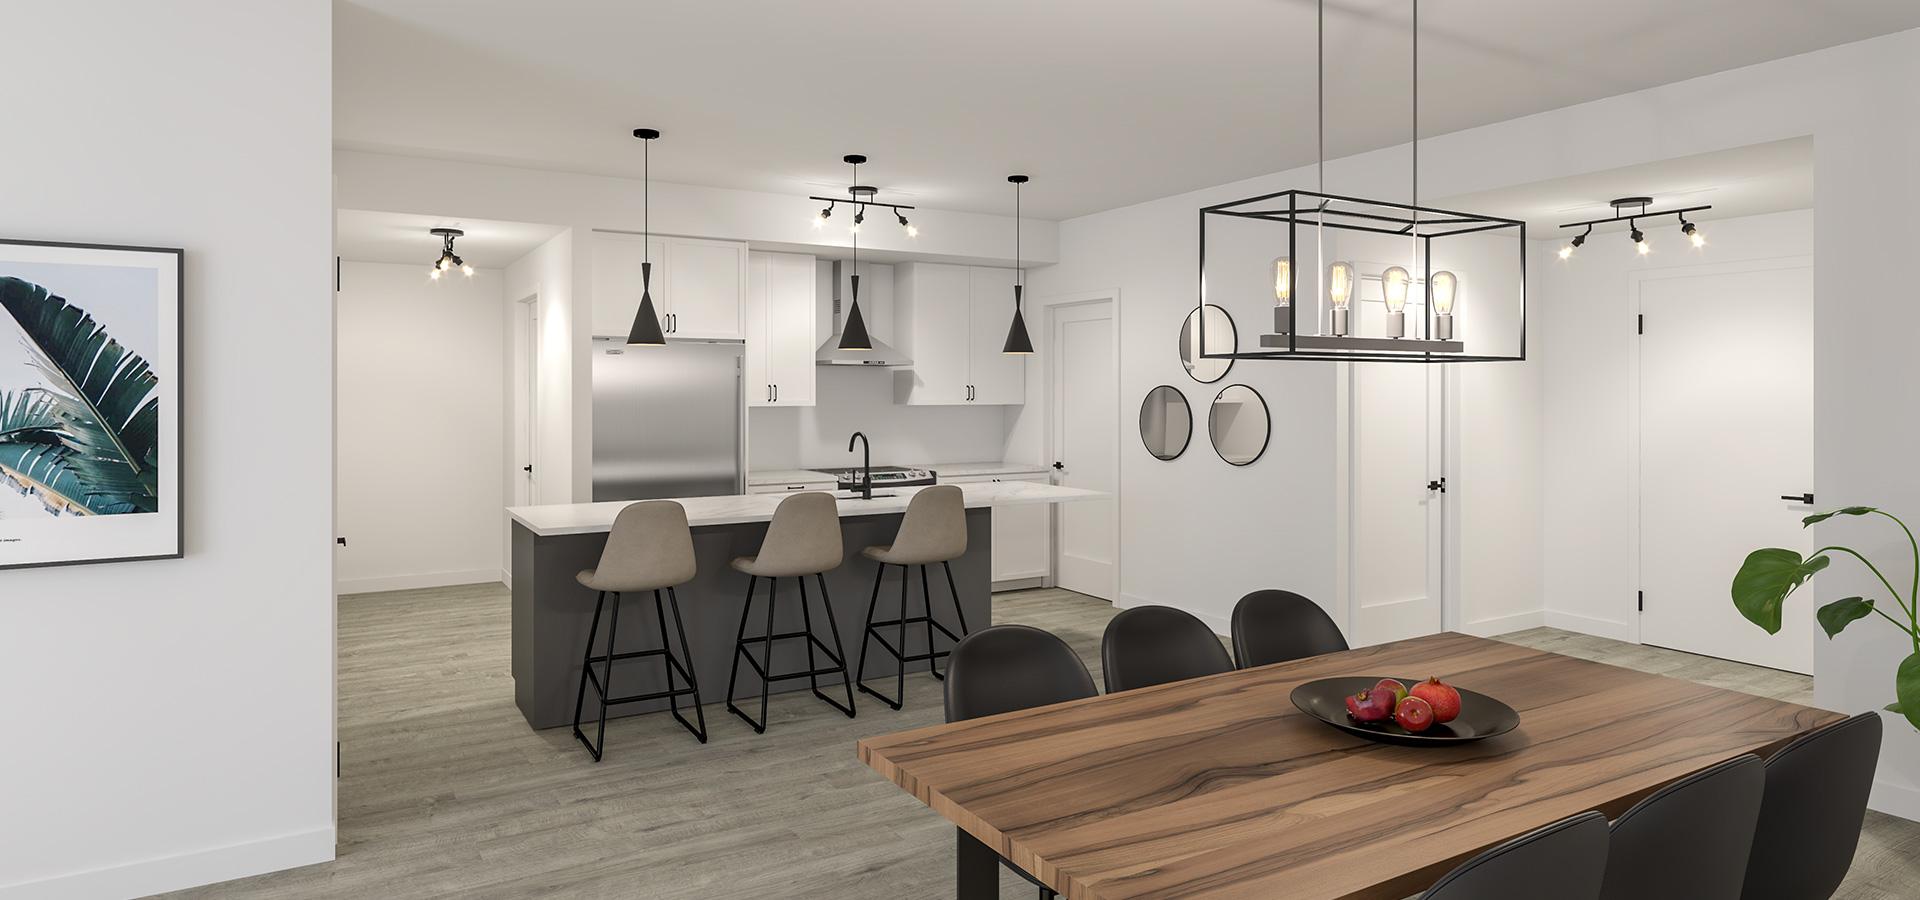 Logement | cuisine - salle à manger